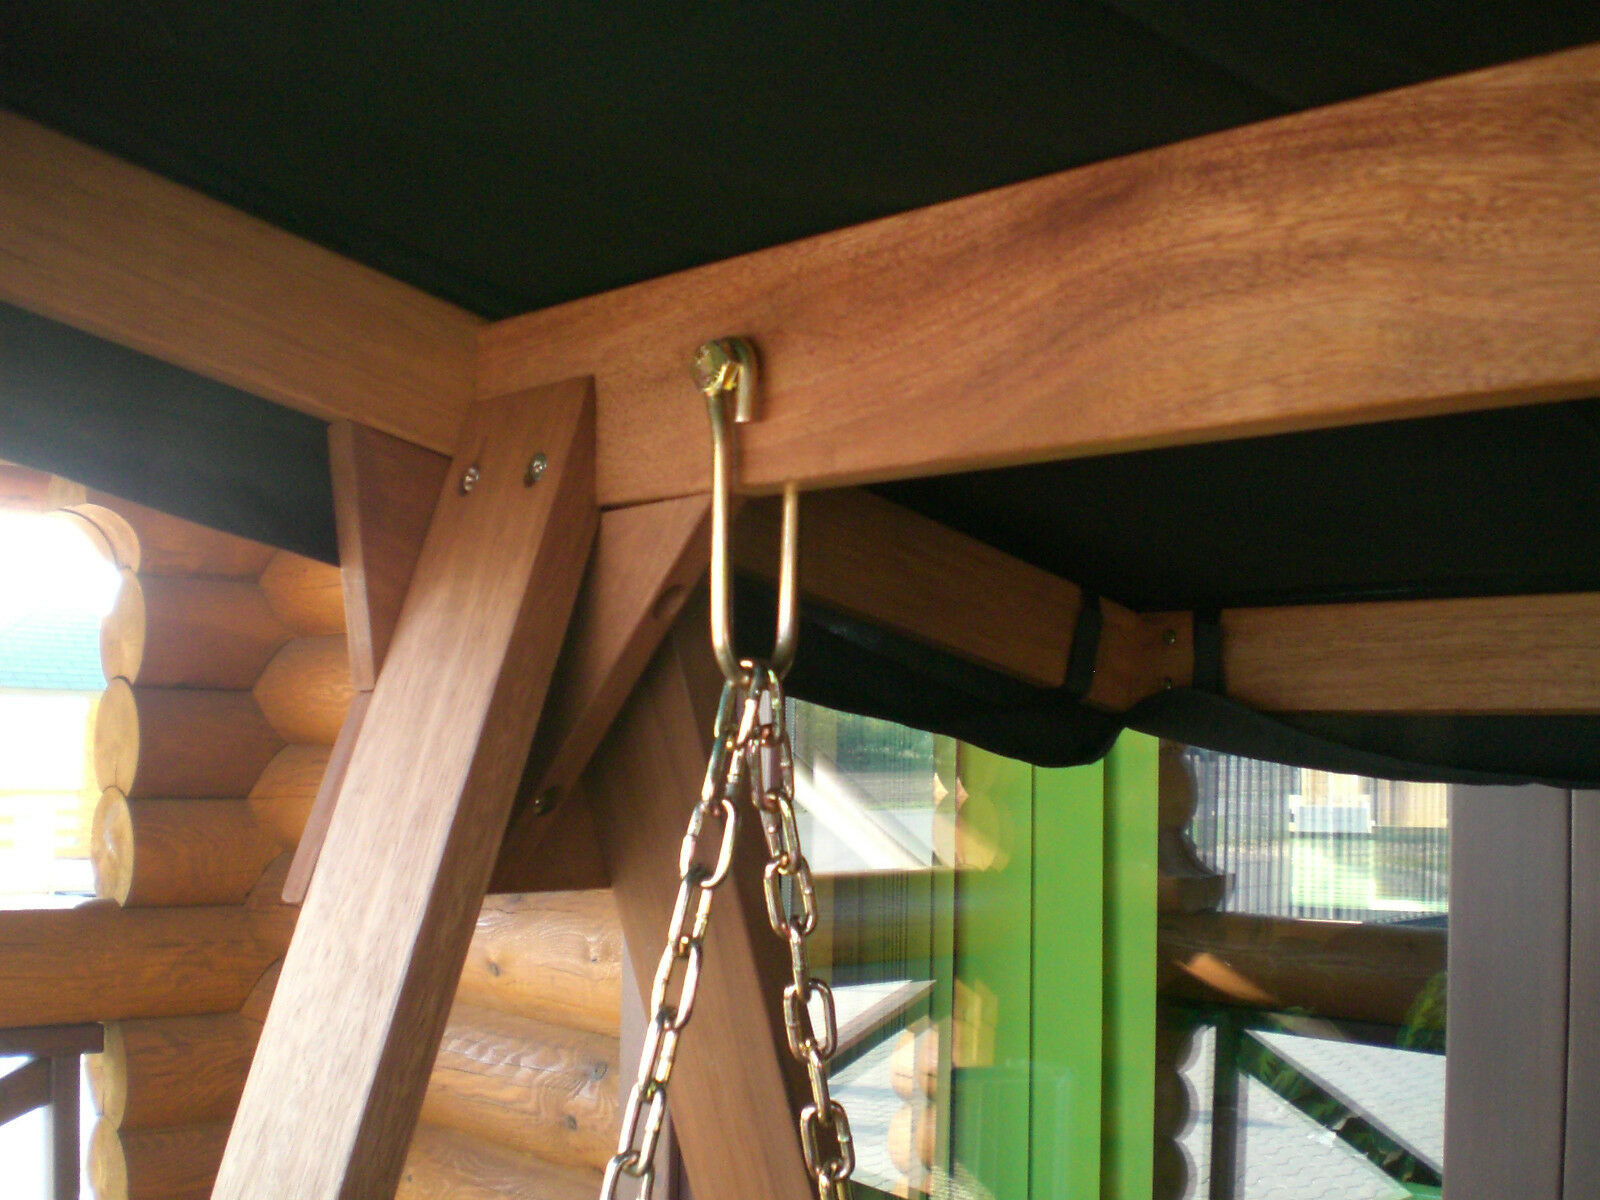 Hollywoodschaukel Holz Mit Auflage ~ Hollywoodschaukel BAHAMA Liege Bett Funktion Auflage Dach MERANTI